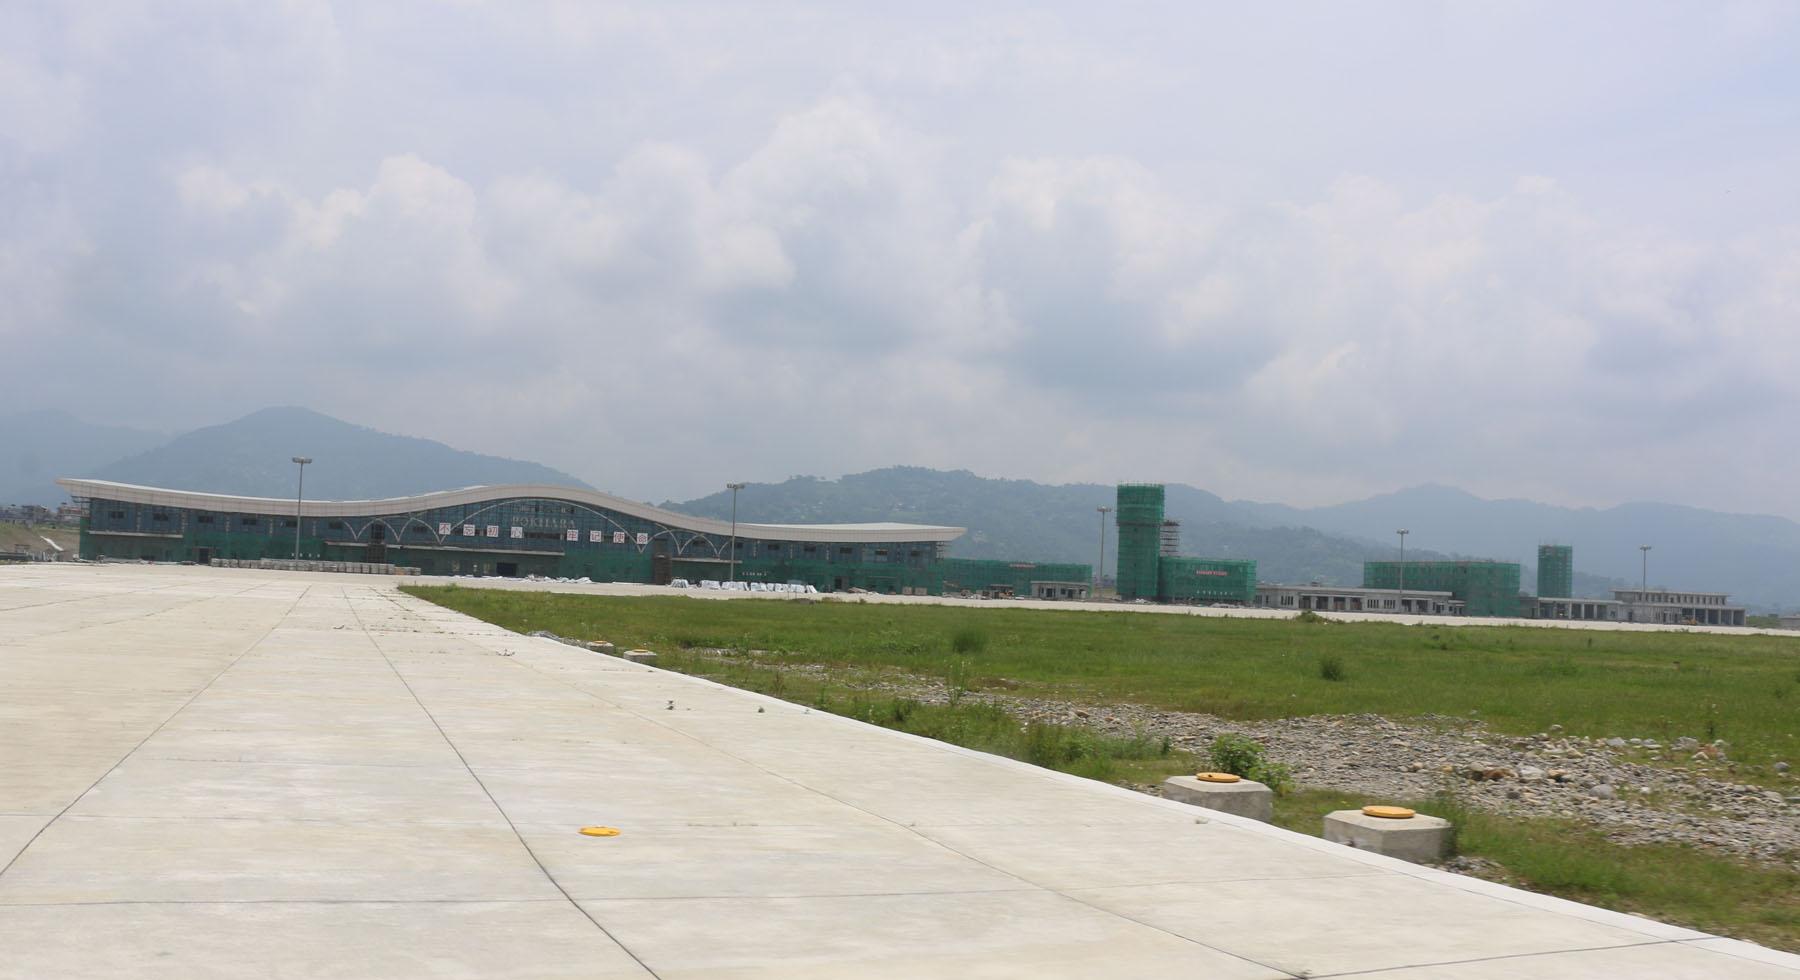 पोखरा क्षेत्रीय अन्तर्राष्ट्रिय विमानस्थलको ६० प्रतिशत काम सम्पन्न